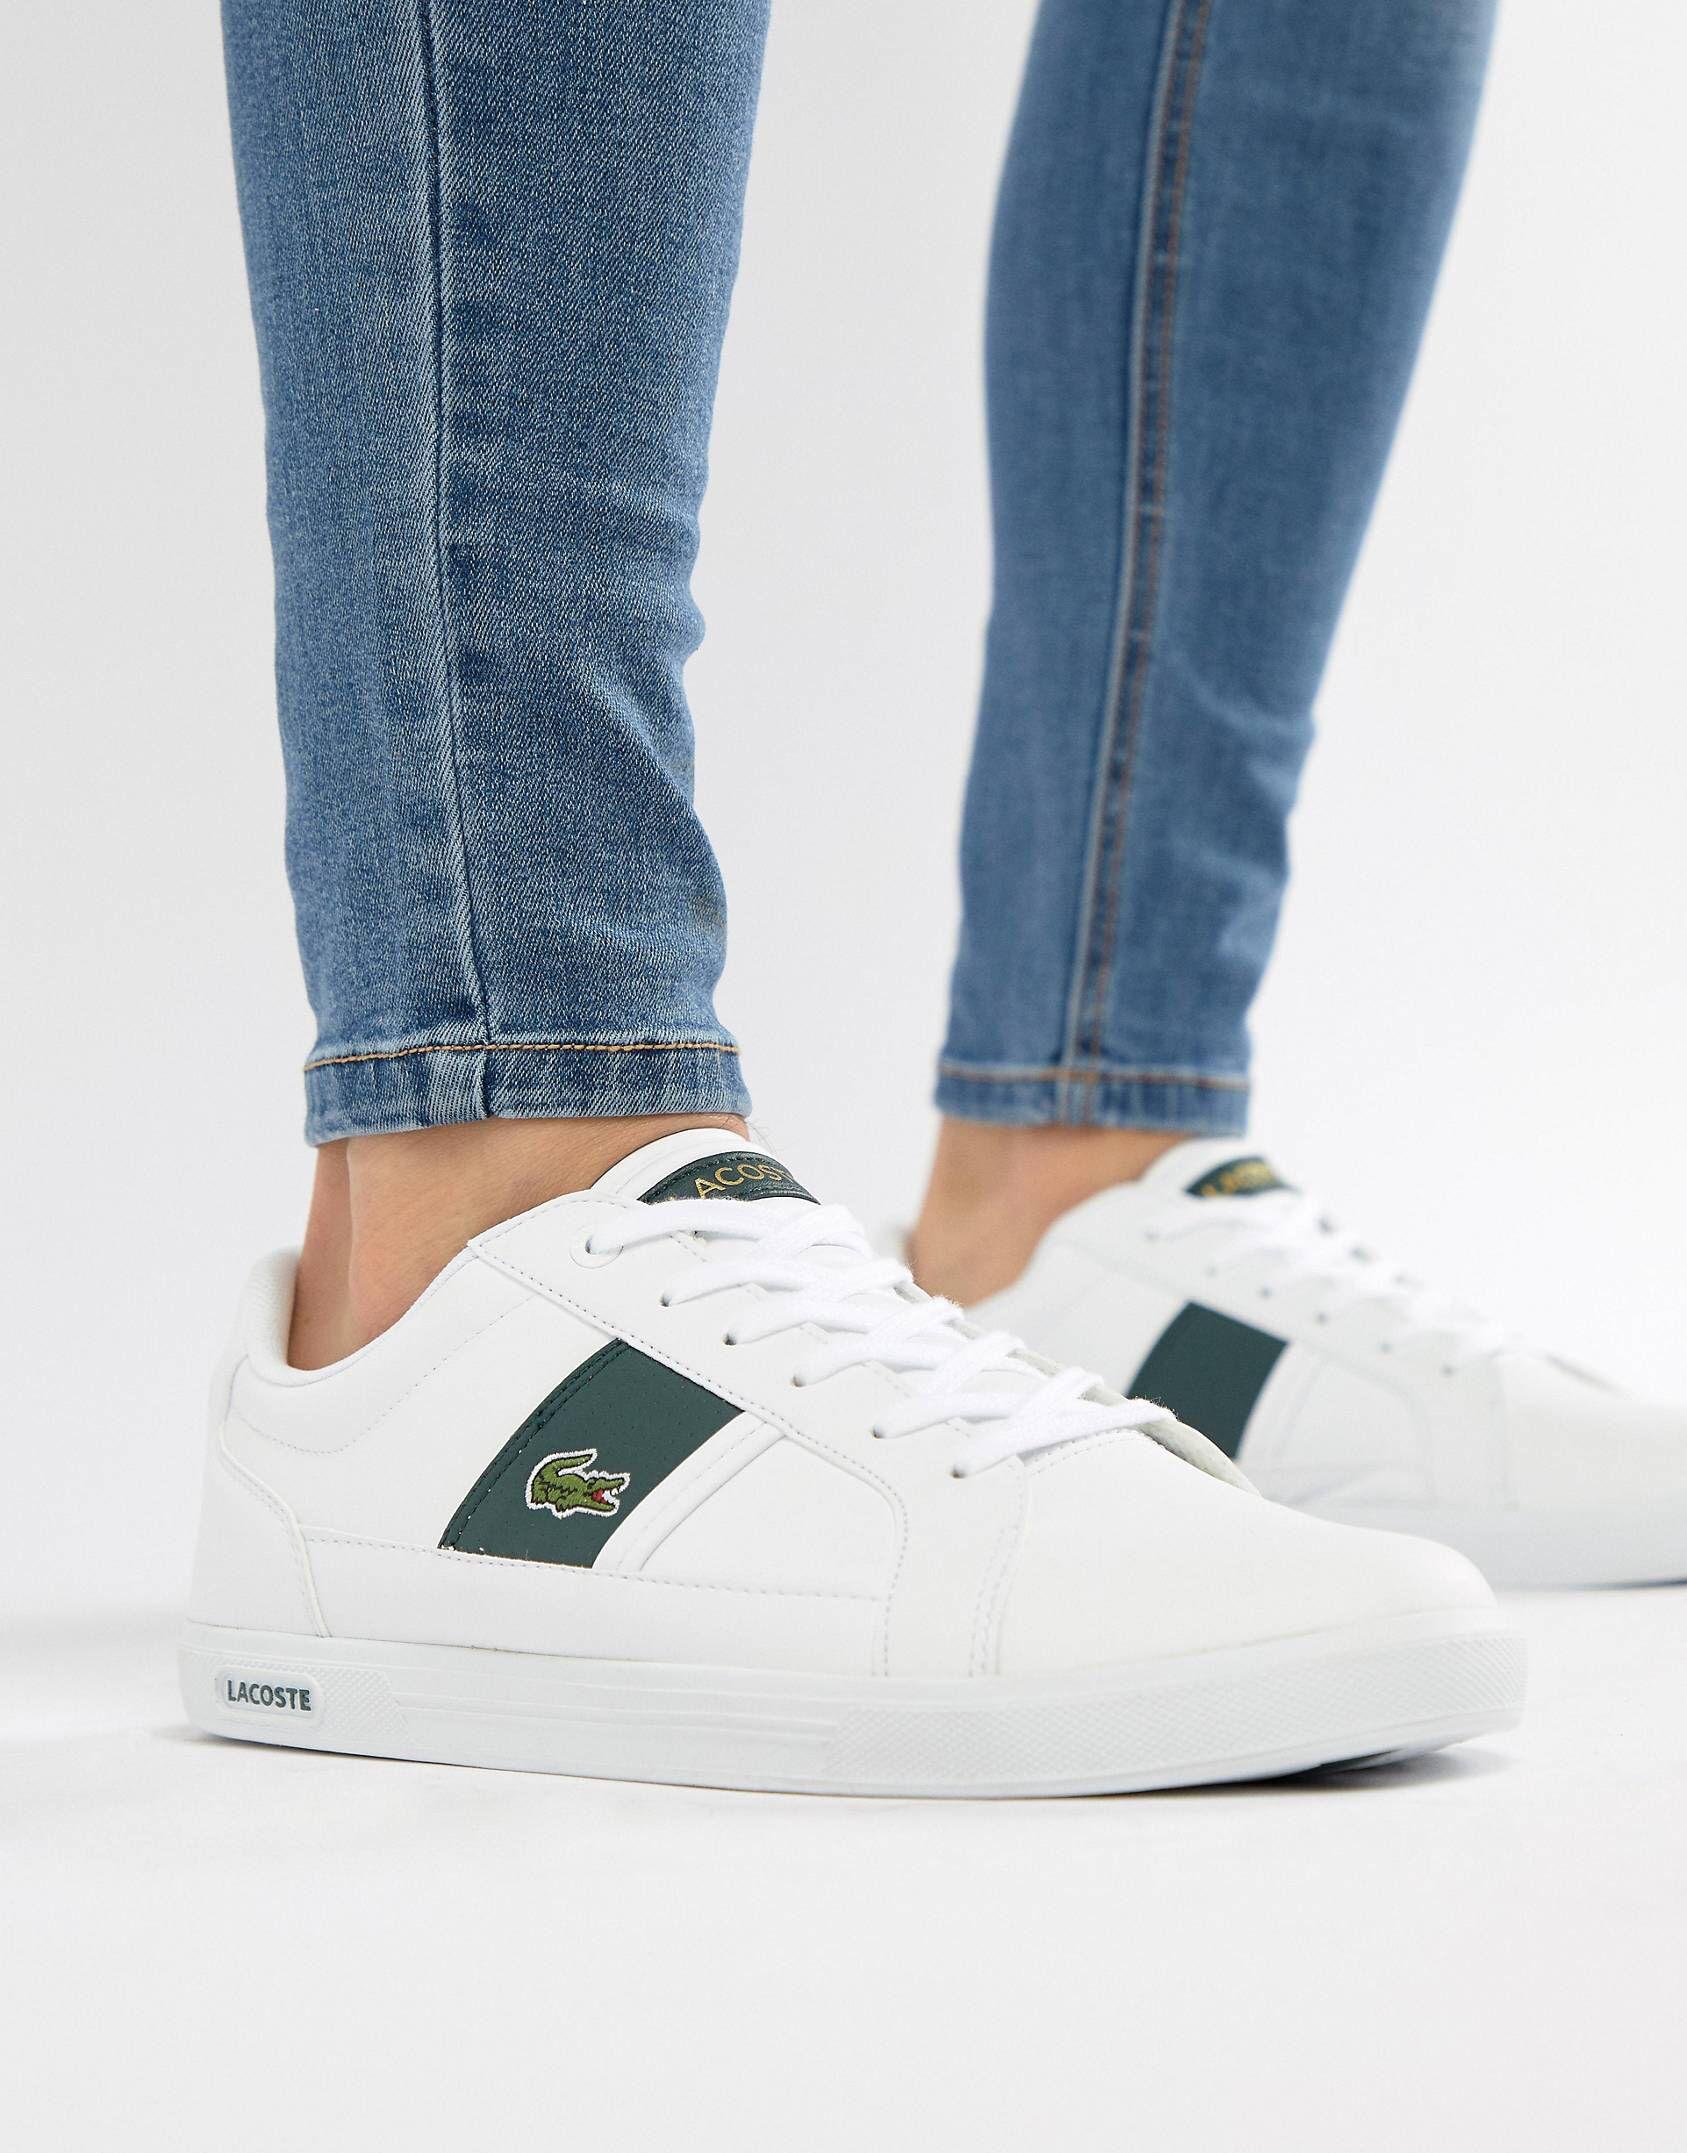 Lacoste shoes women, Lacoste sneakers